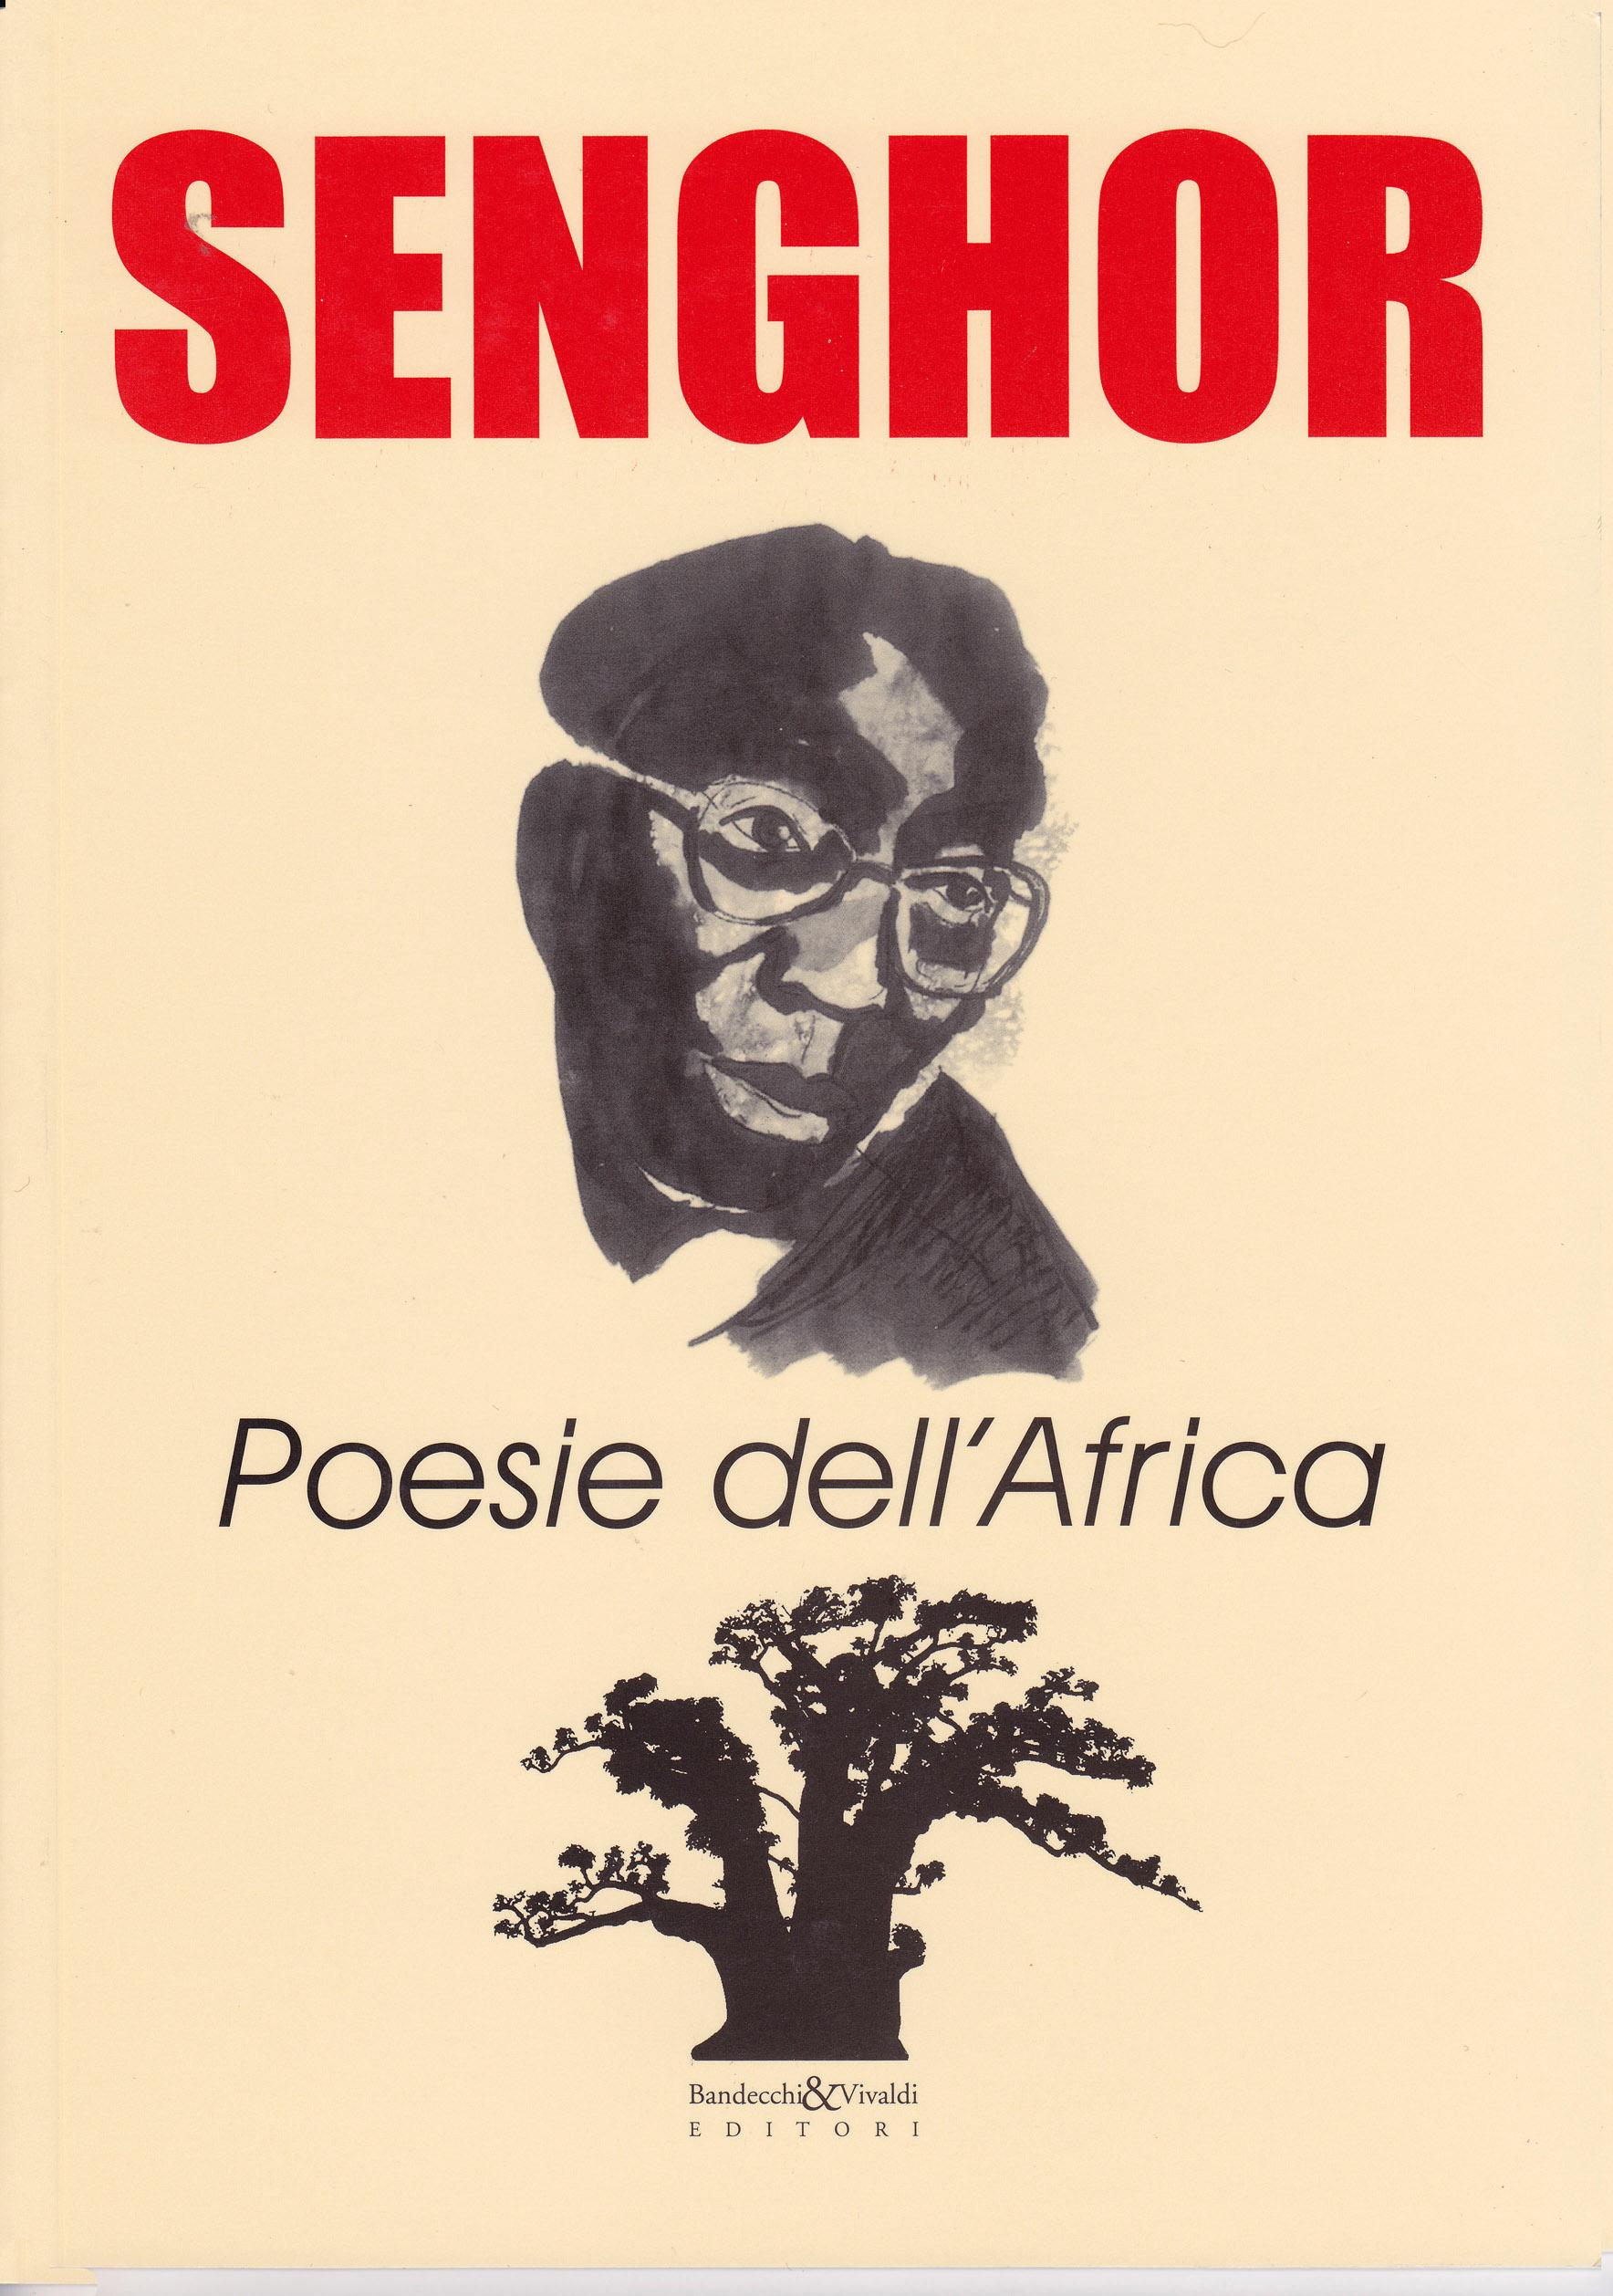 Poesie dell'Africa